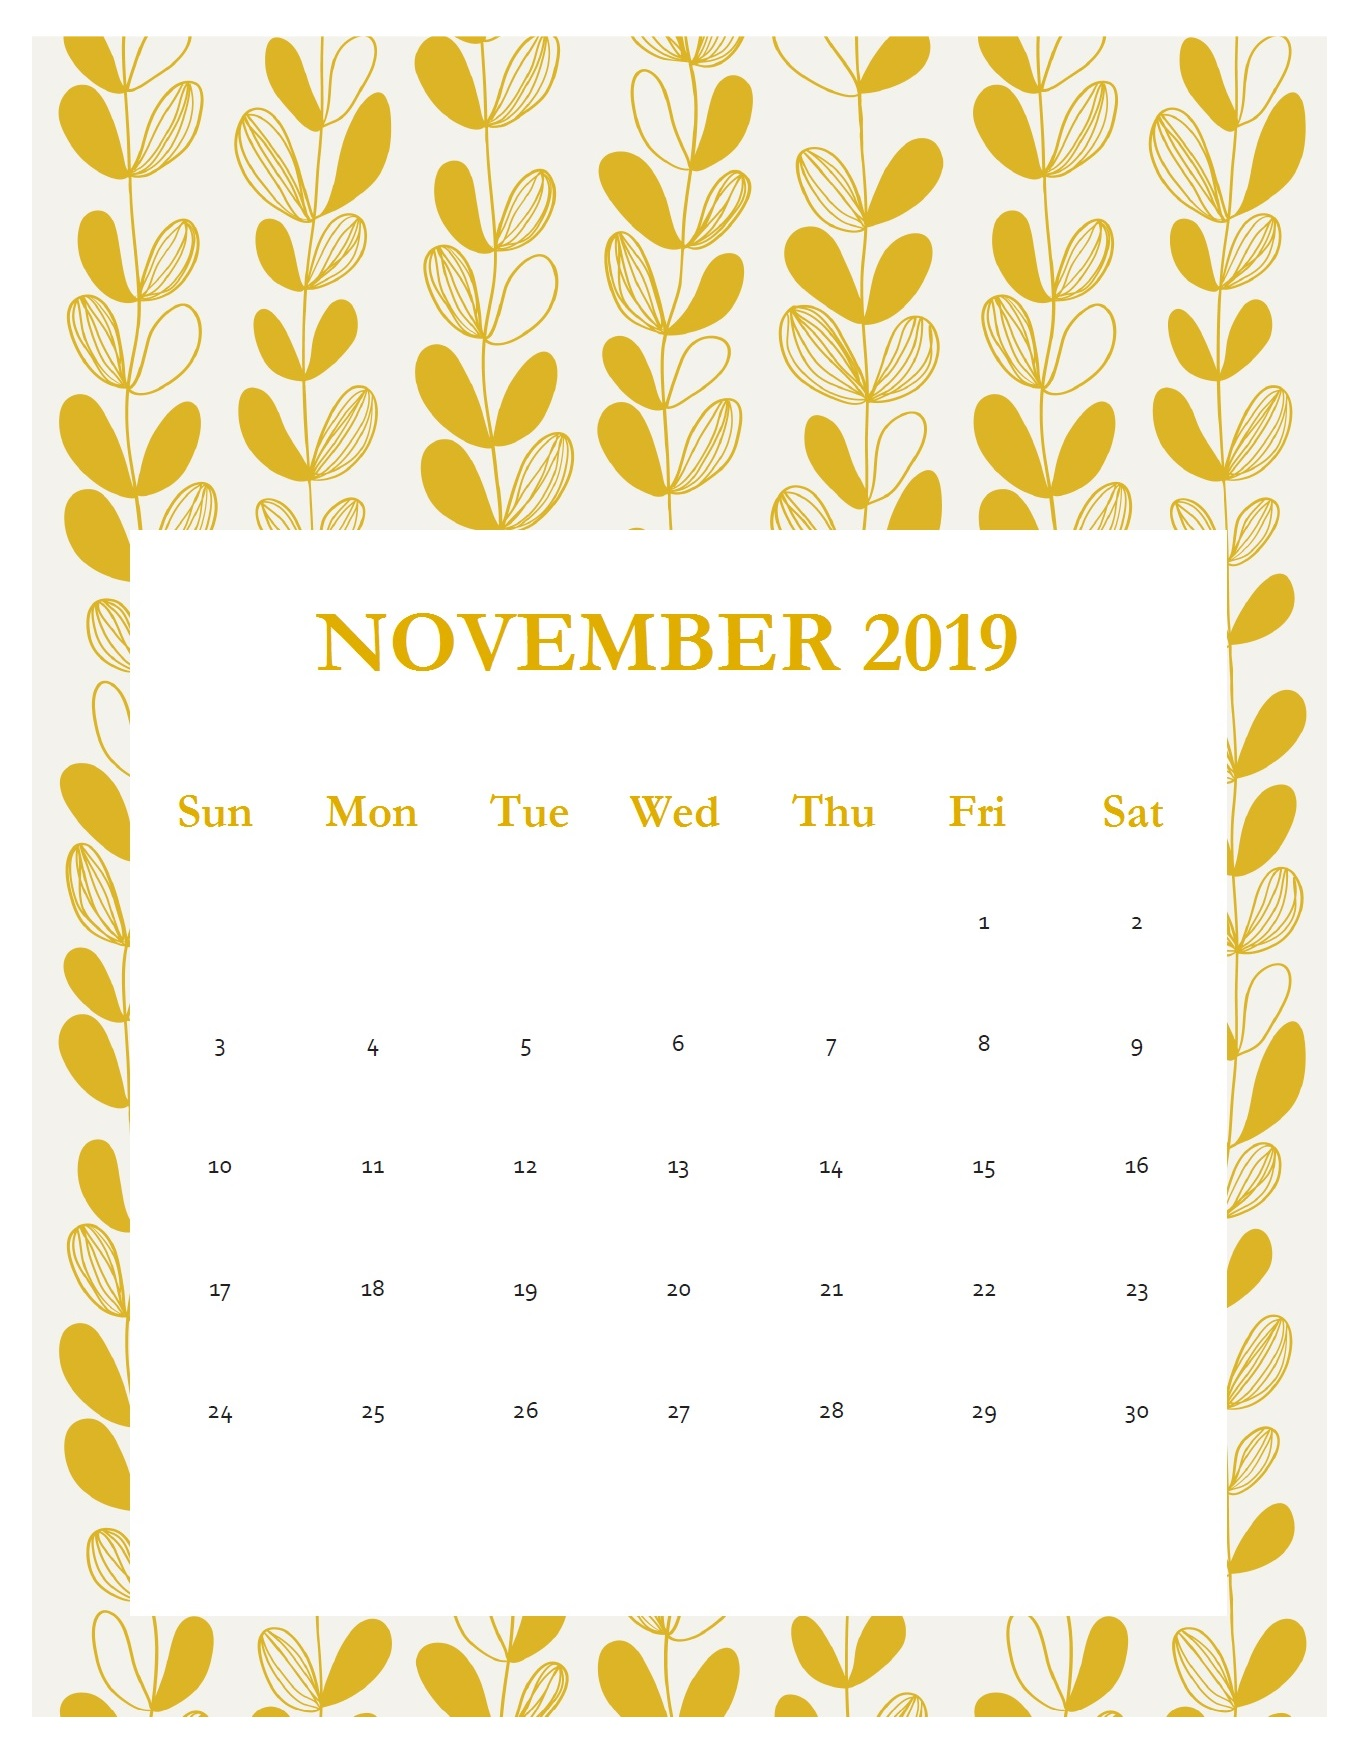 Print Beautiful November 2019 Calendar Template